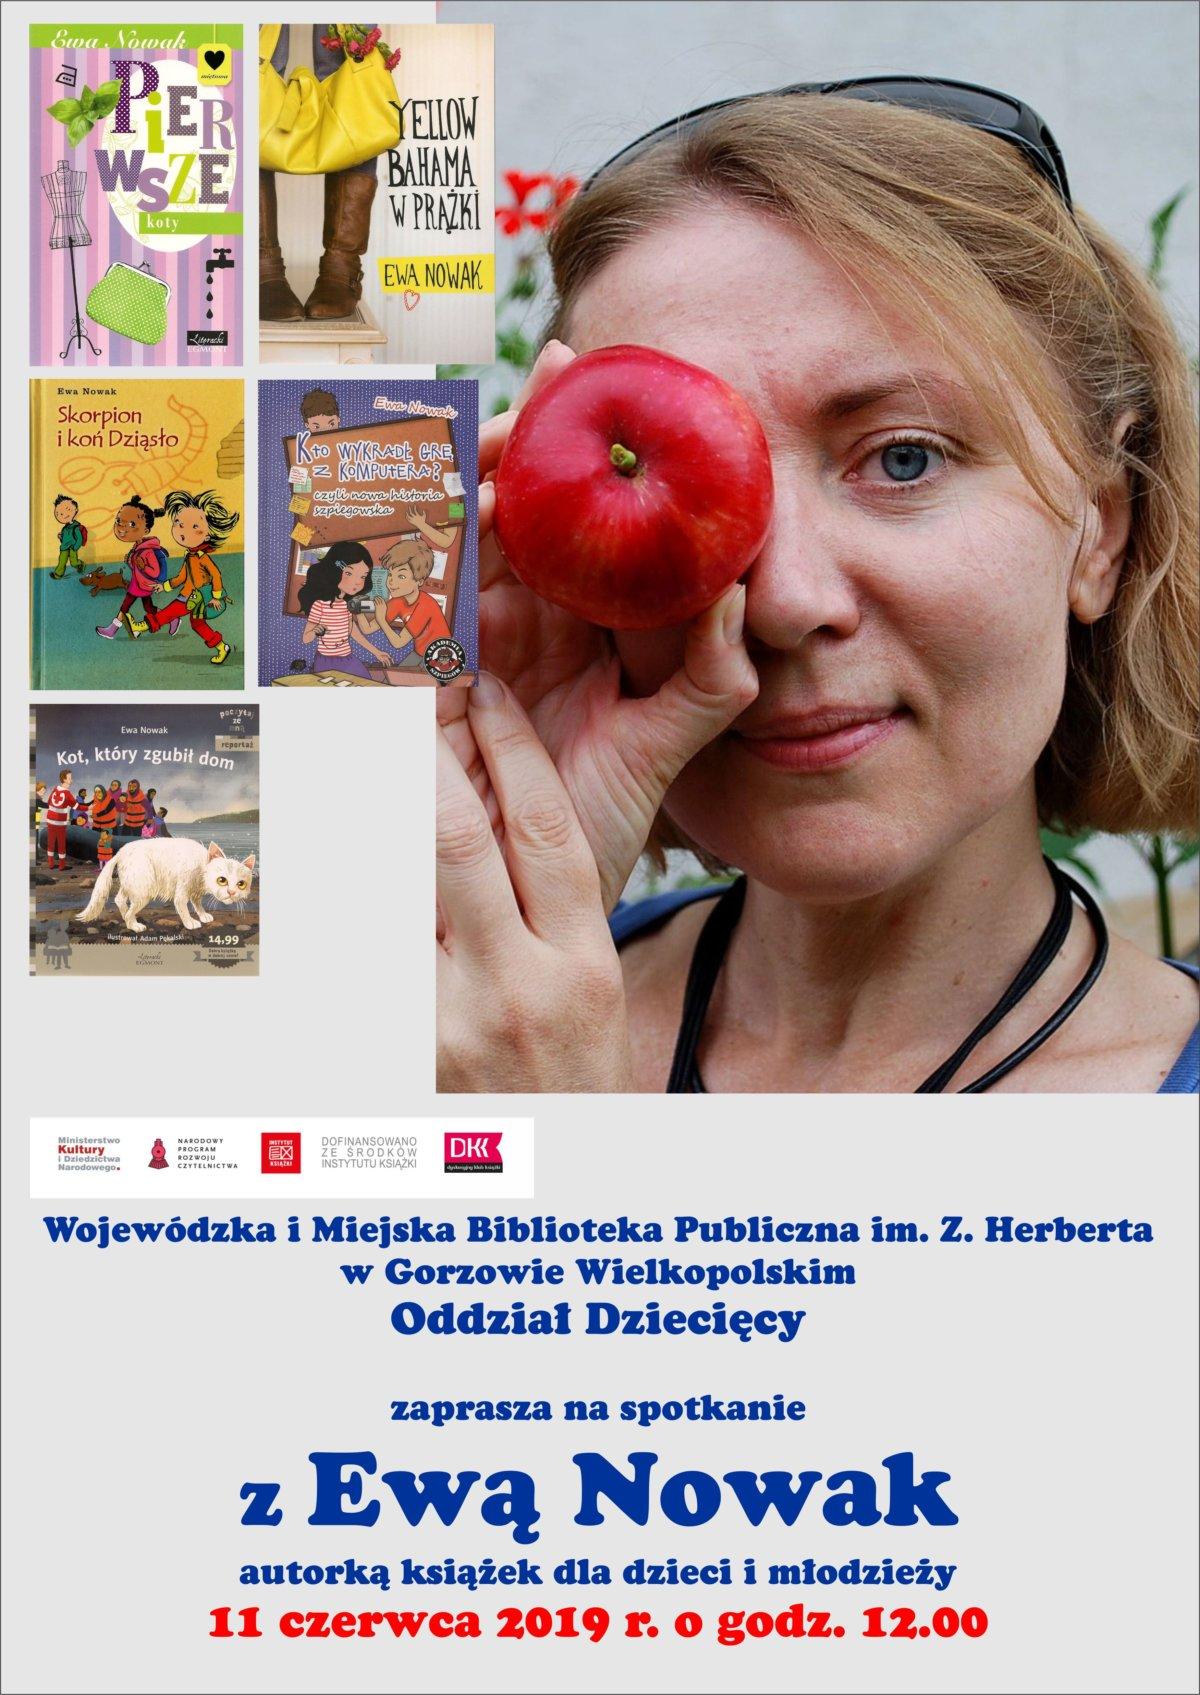 11 czerwca 2019 r. o godzinie 12:00 Oddział Dziecięcy WIMBP zaprasza na spotkanie autorskie z Ewą Nowak.